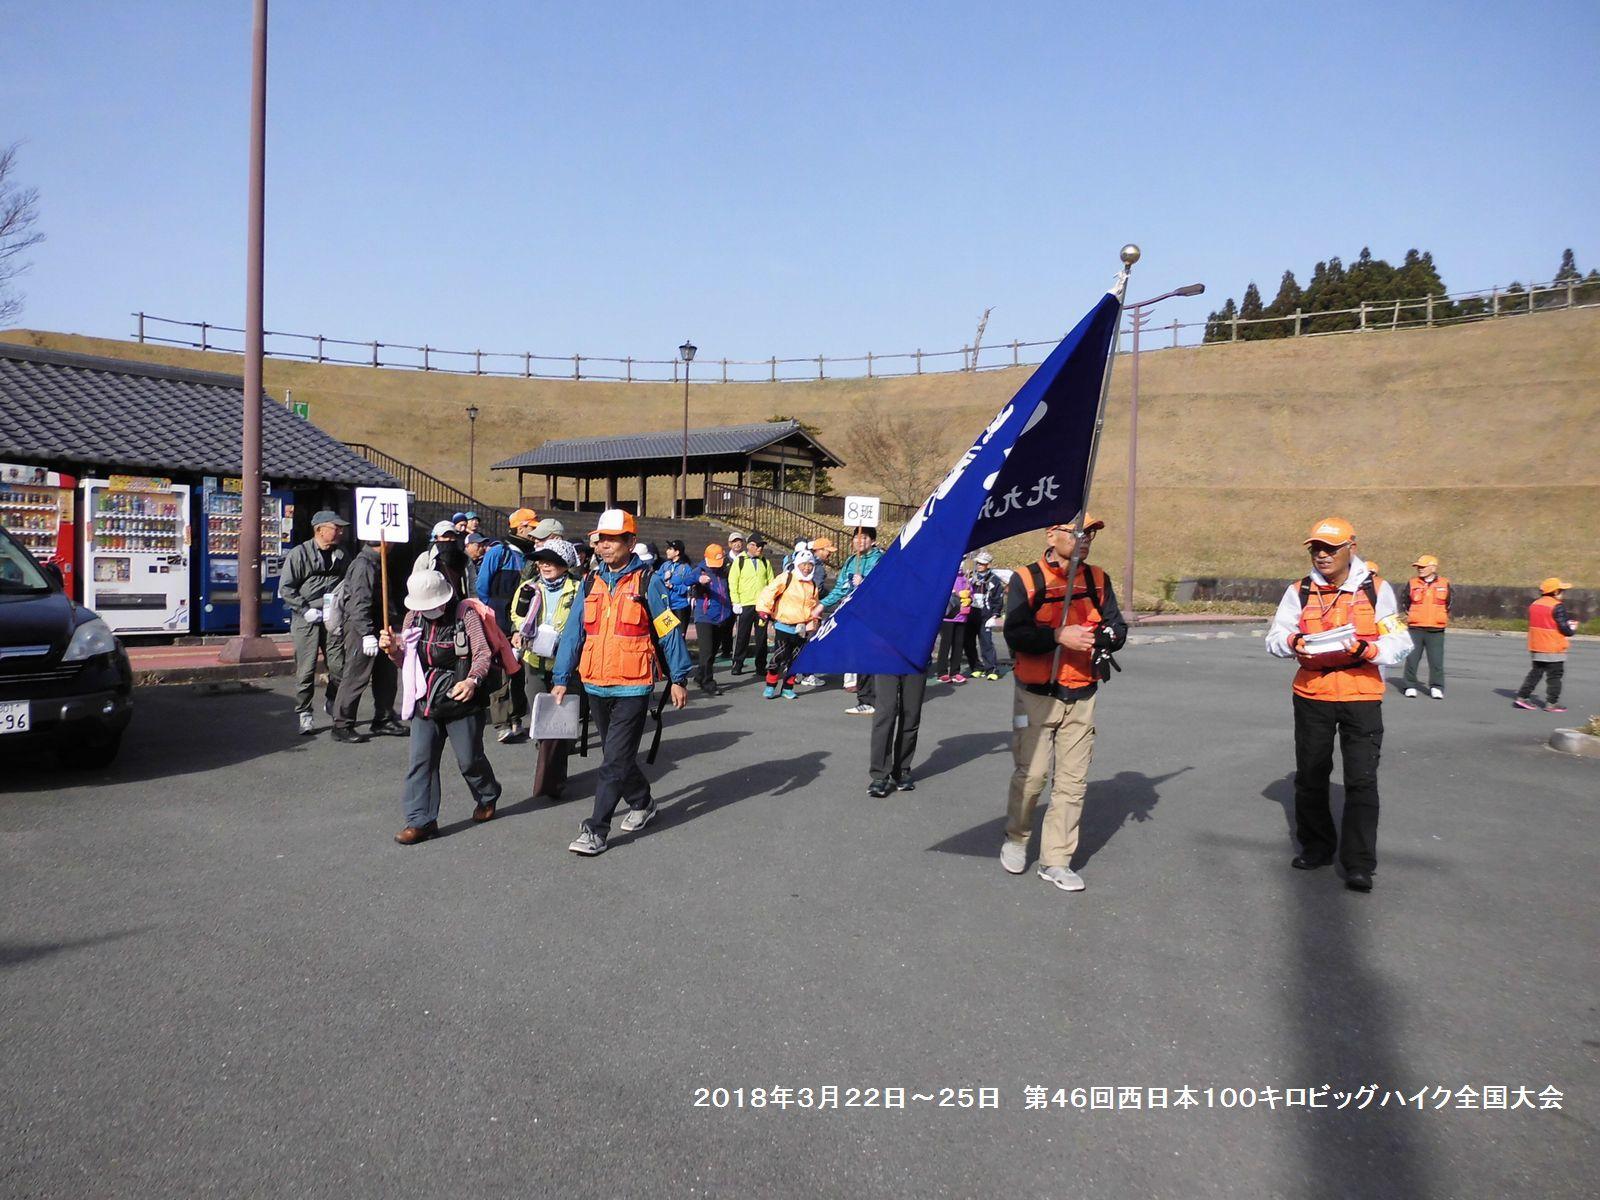 第46回西日本100キロビッグハイク全国大会-1_b0389650_14200170.jpg